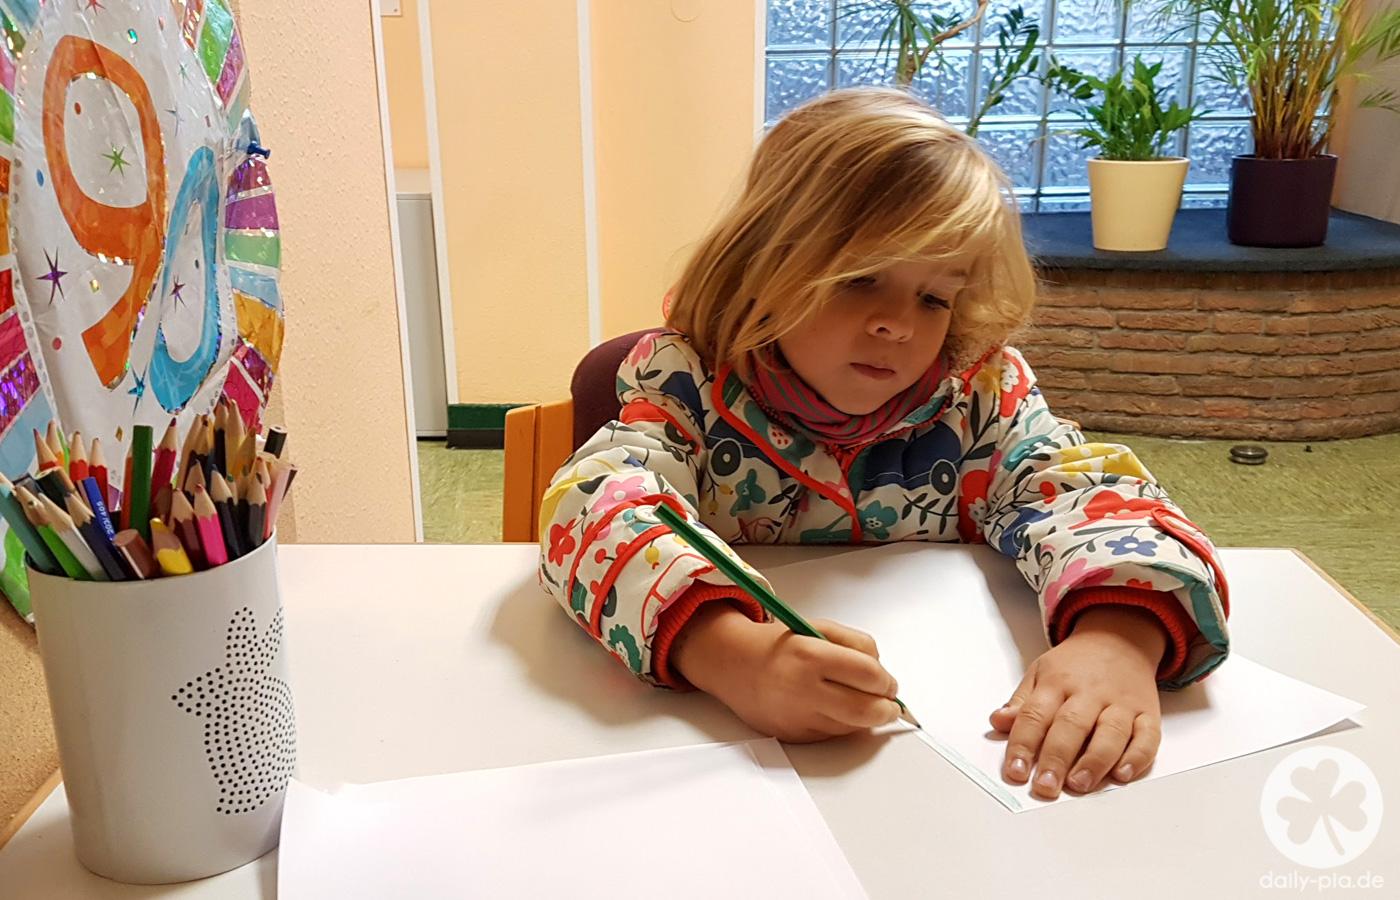 Feinschmecker, Schulanmeldung und Konflikte